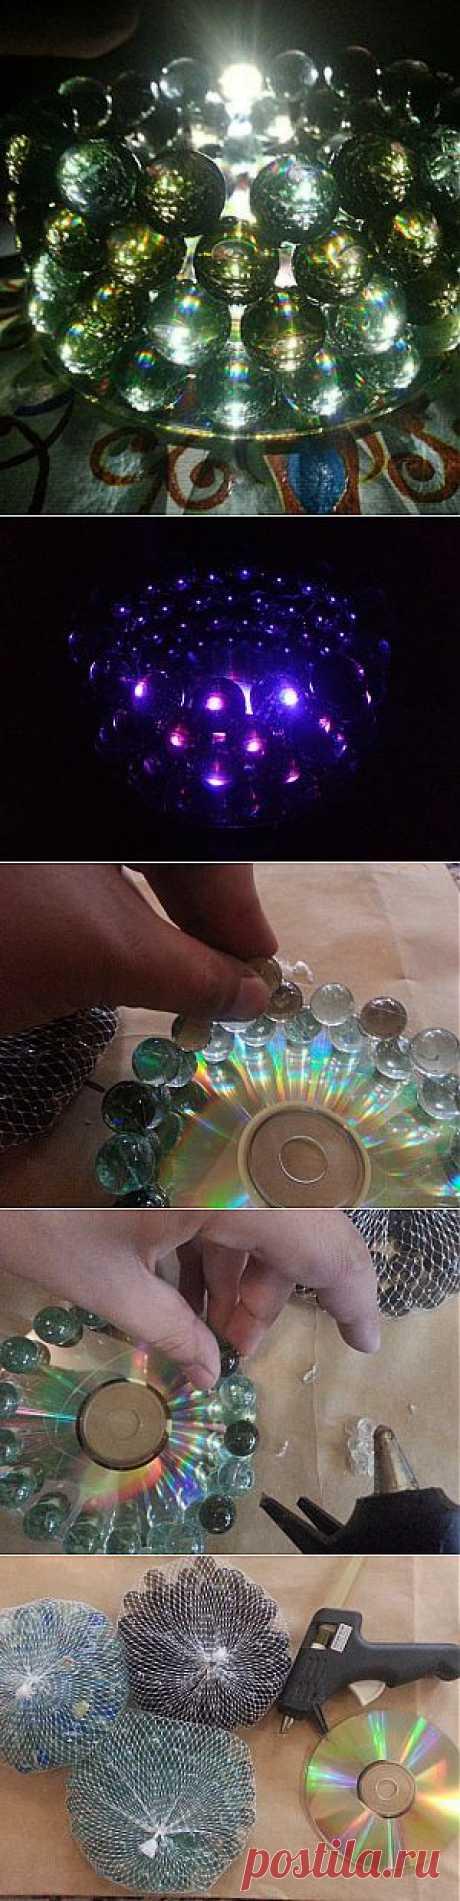 Светильник из компакт-диска и стеклянных шариков | Ladies venue